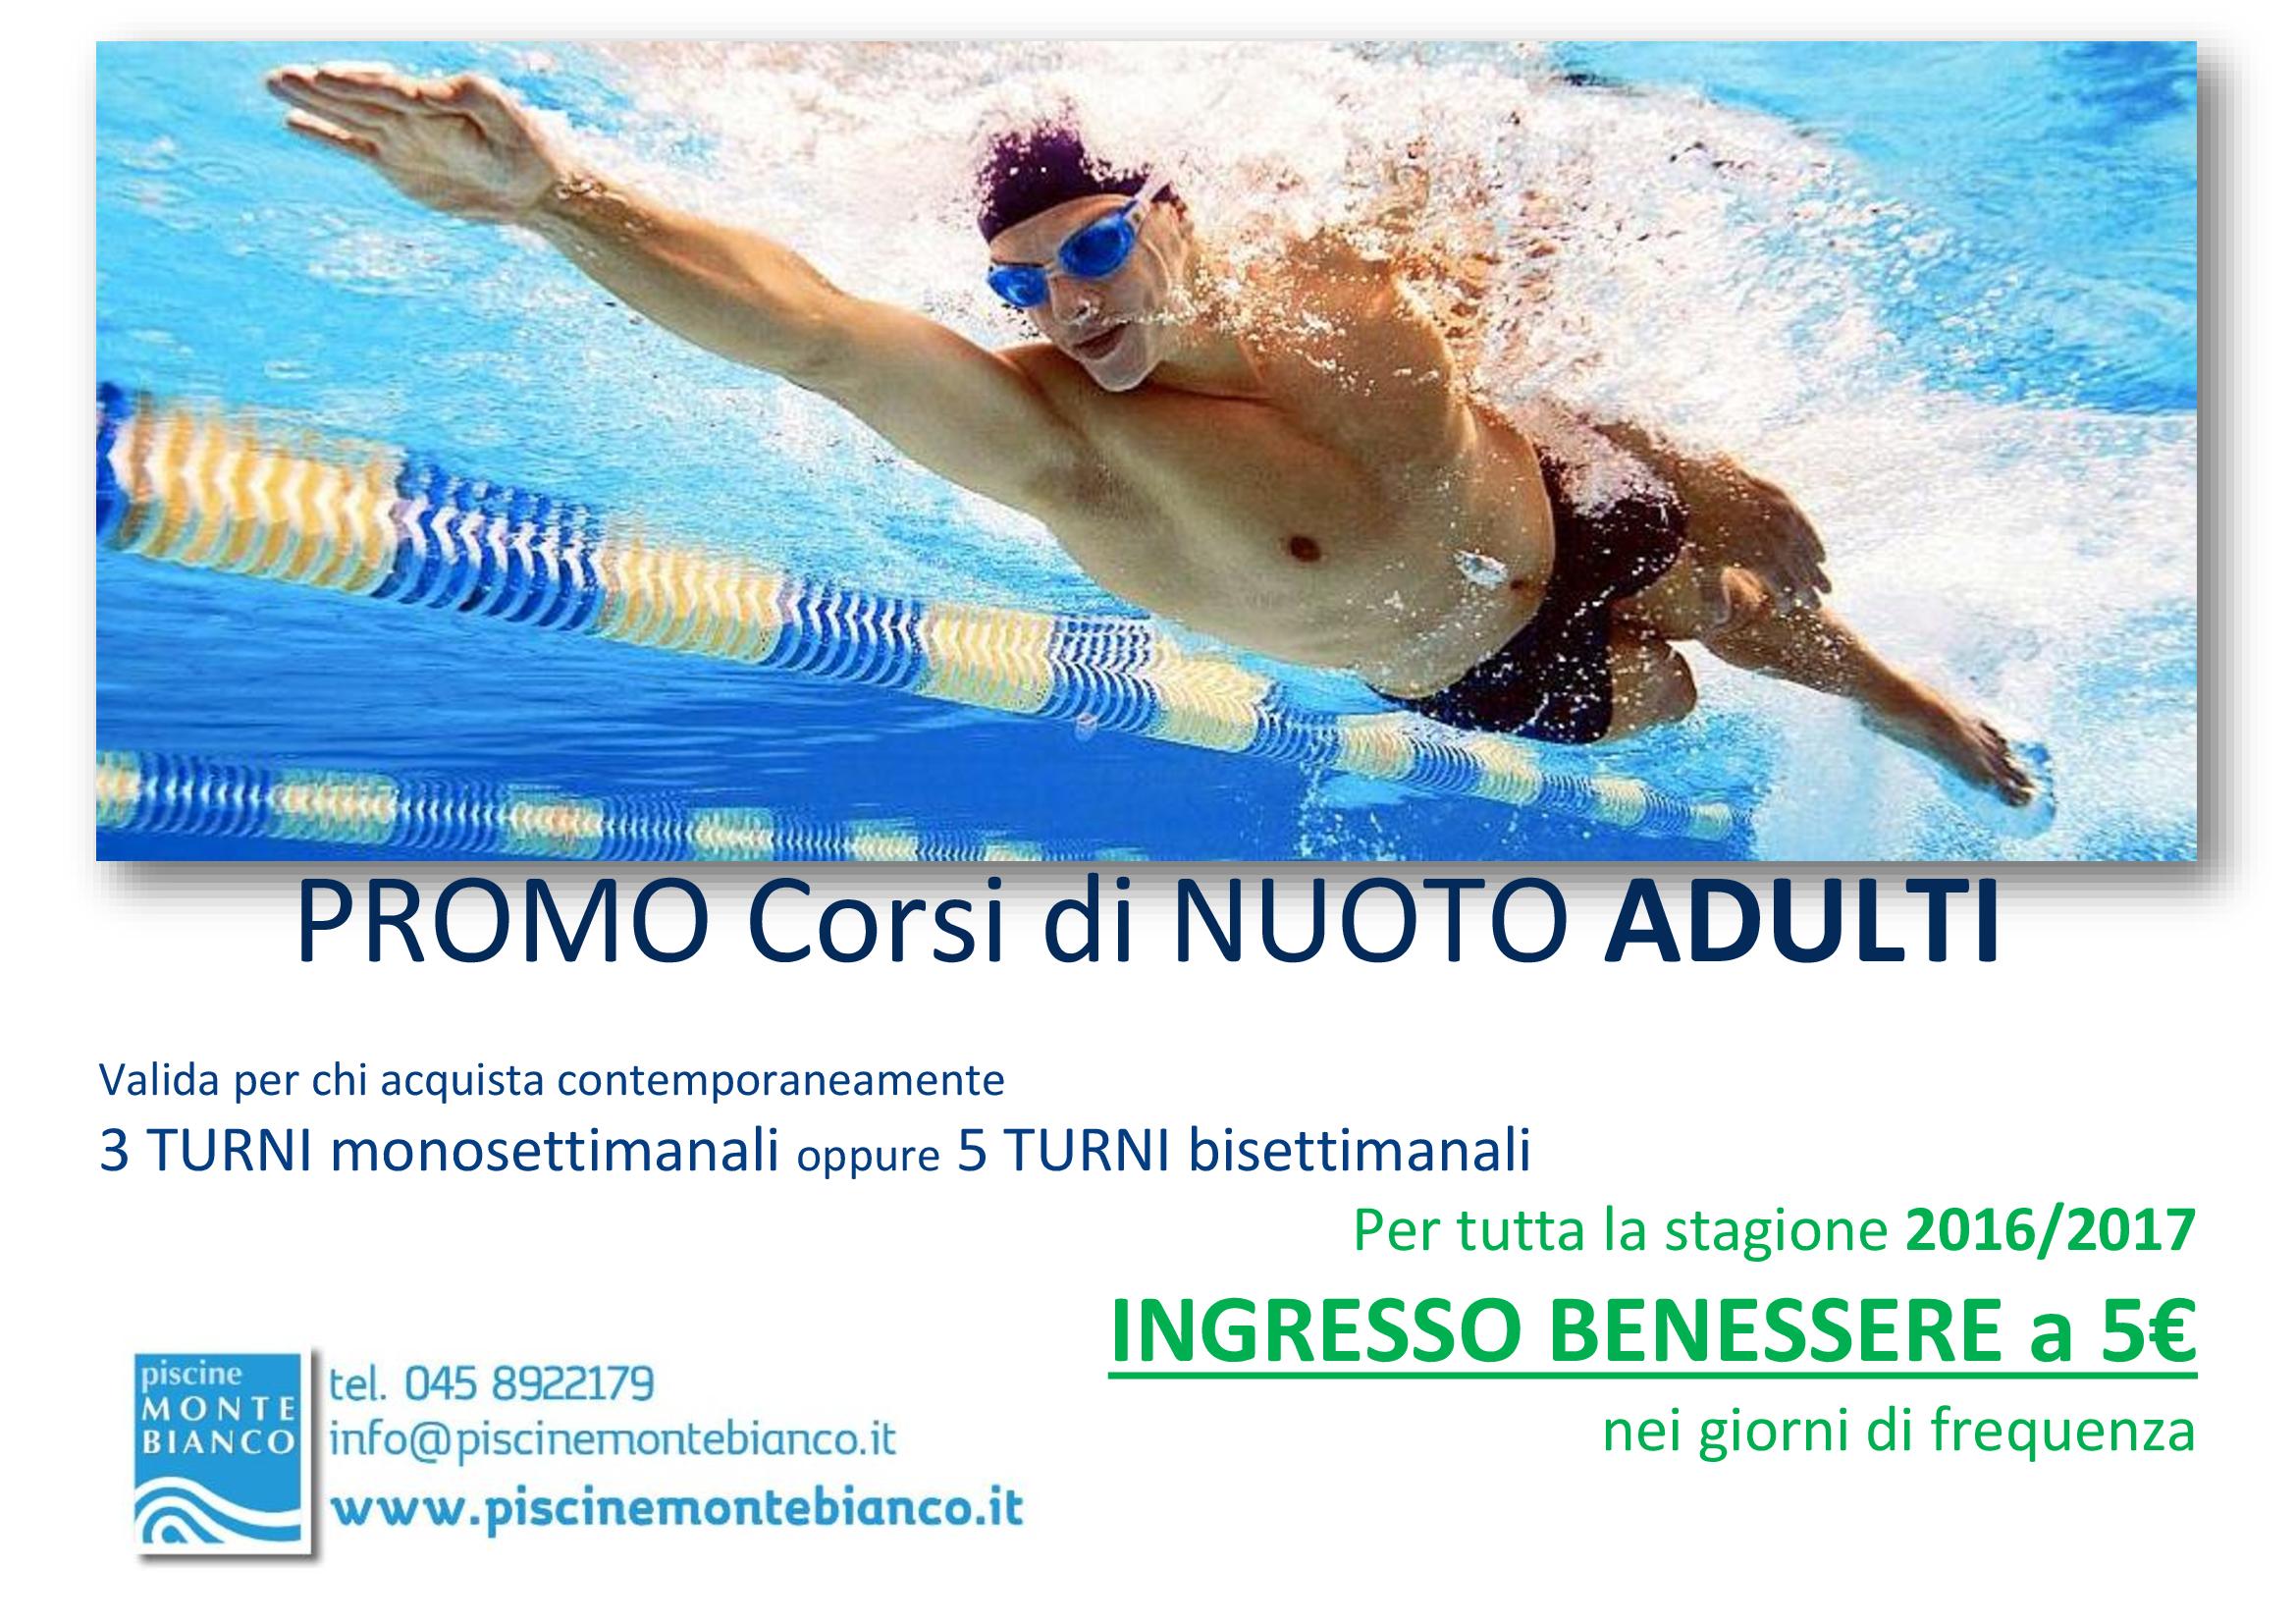 5308d1b511e8 Promo Nuoto Adulti – Piscine Monte Bianco